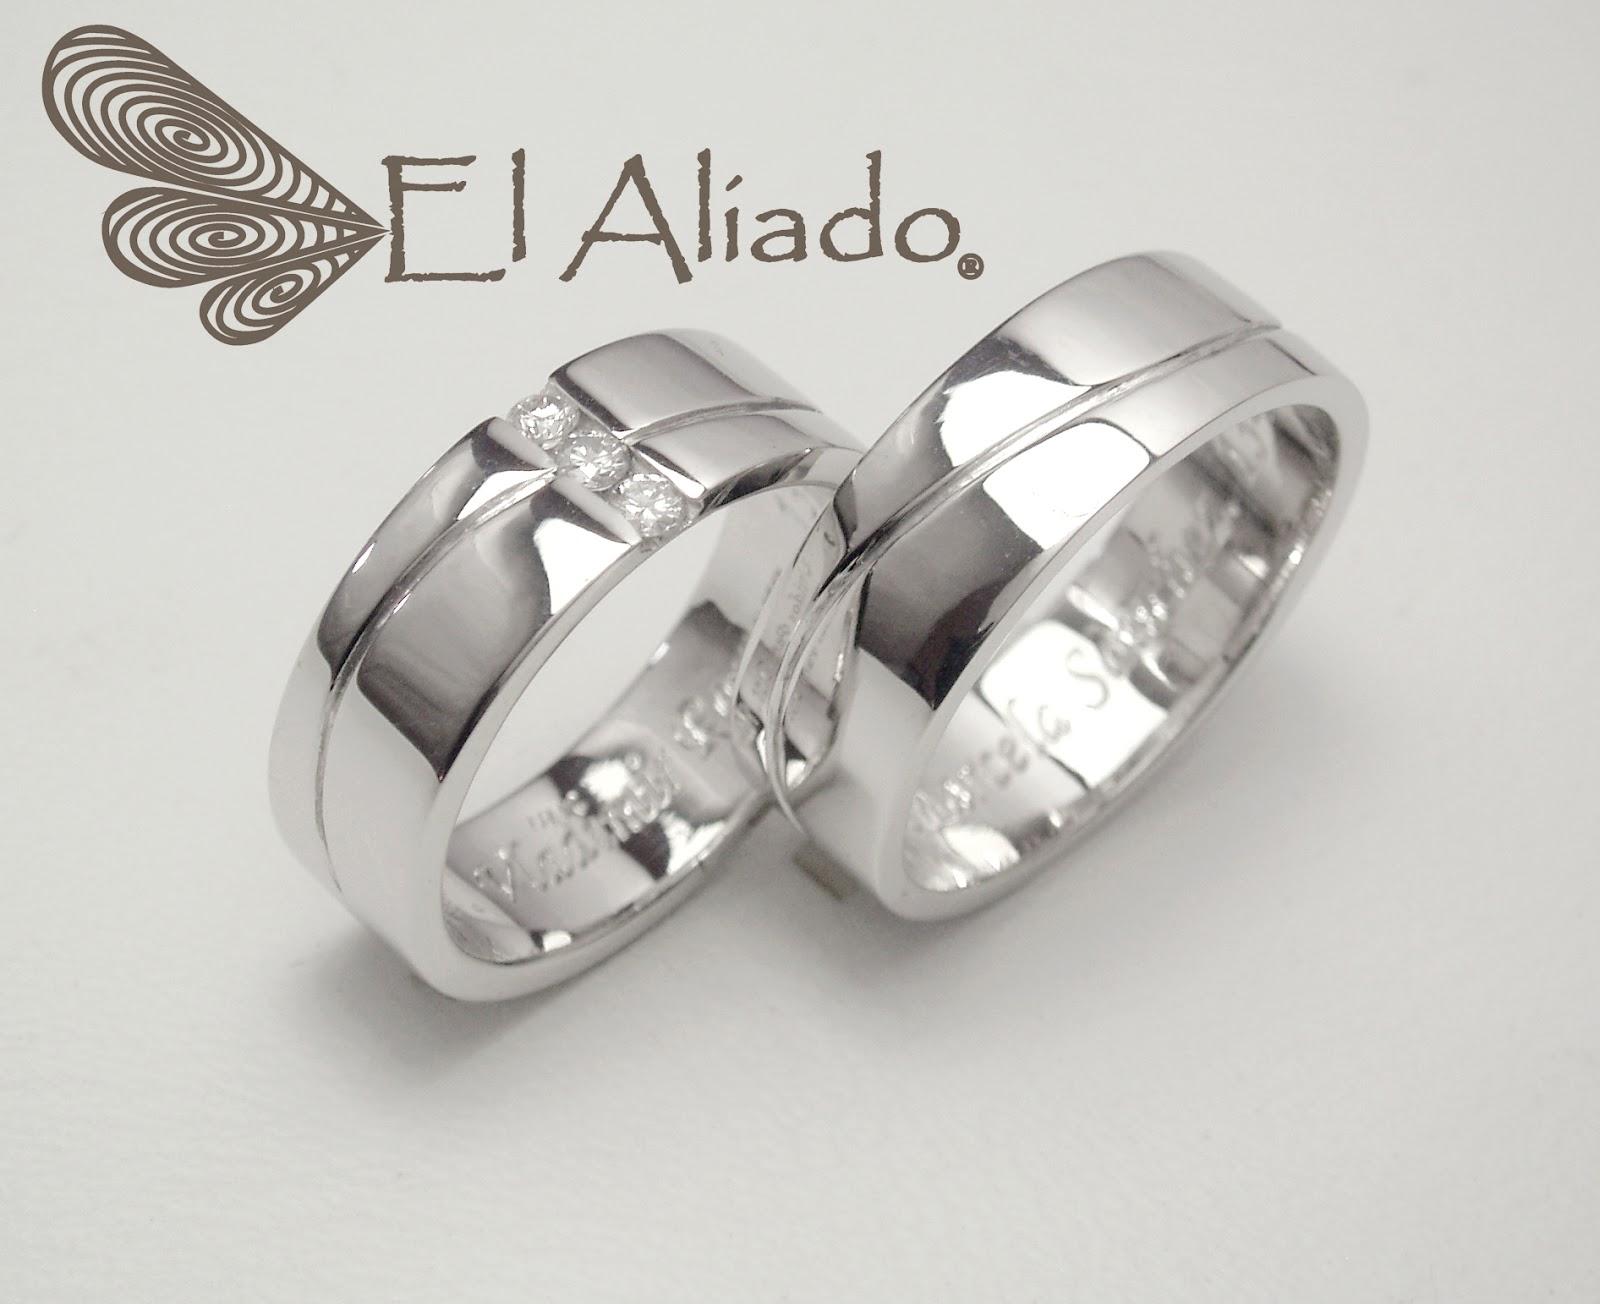 El aliado joyas argollas de matrimonio y anillos de for Precio rodiar anillo oro blanco